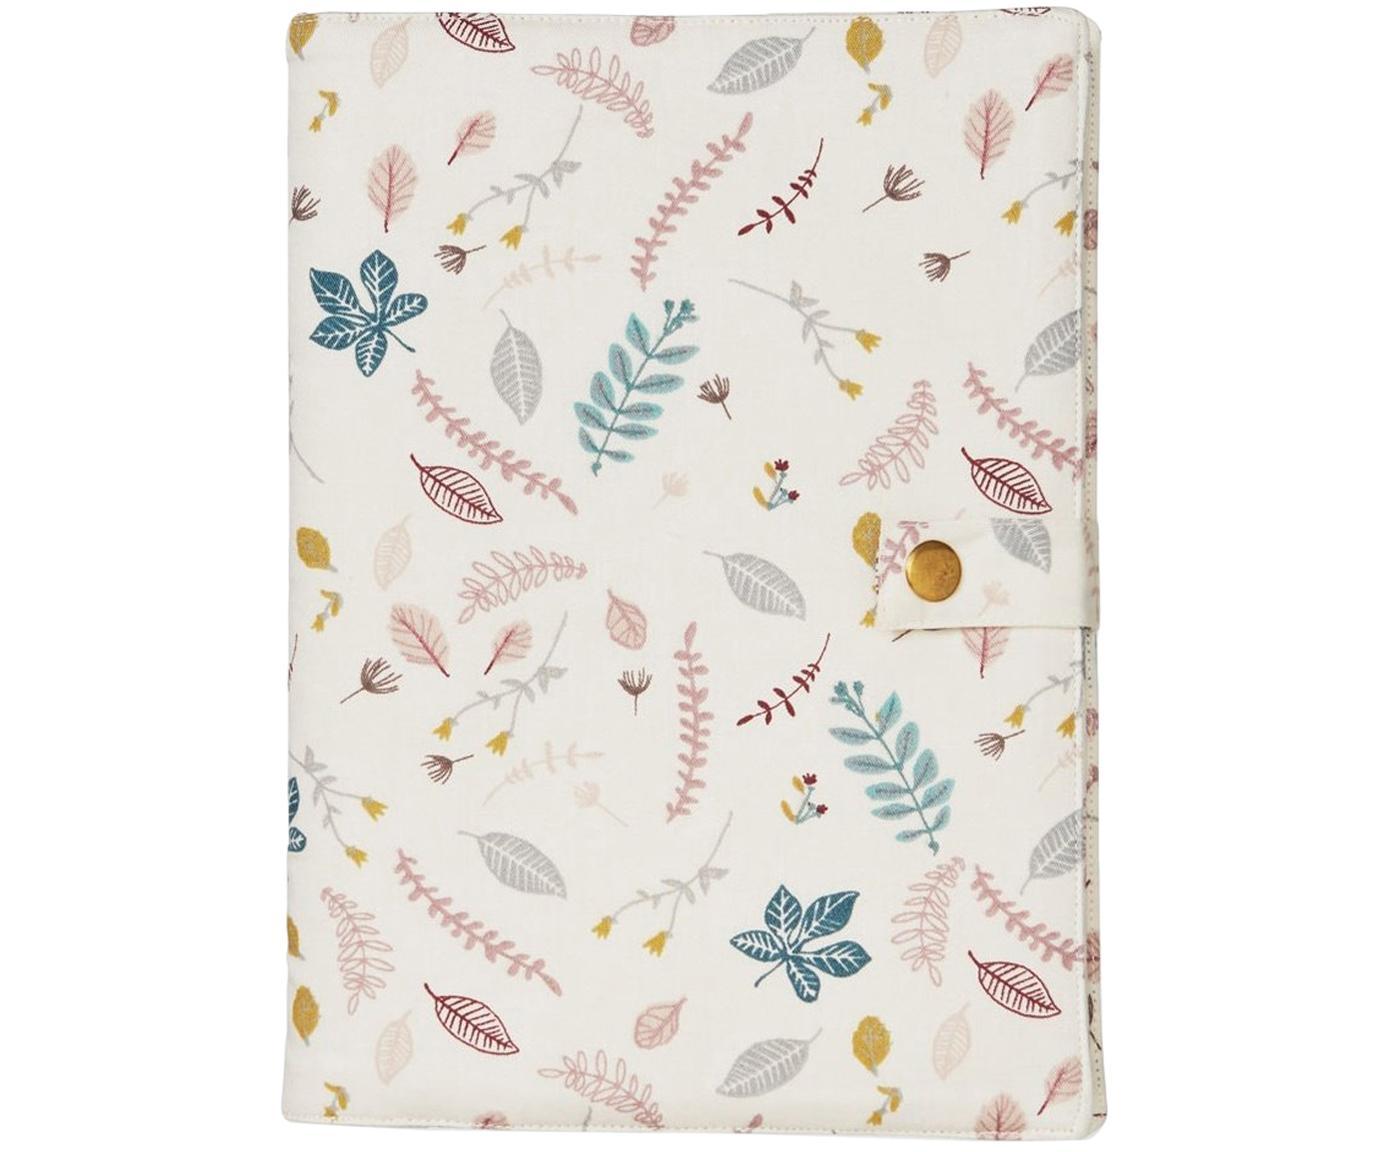 Funda para agenda de algodón ecológico Pressed Leaves, Algodón ecológico, certificado OCS, Rosa, multicolor, An 15 x Al 21 cm